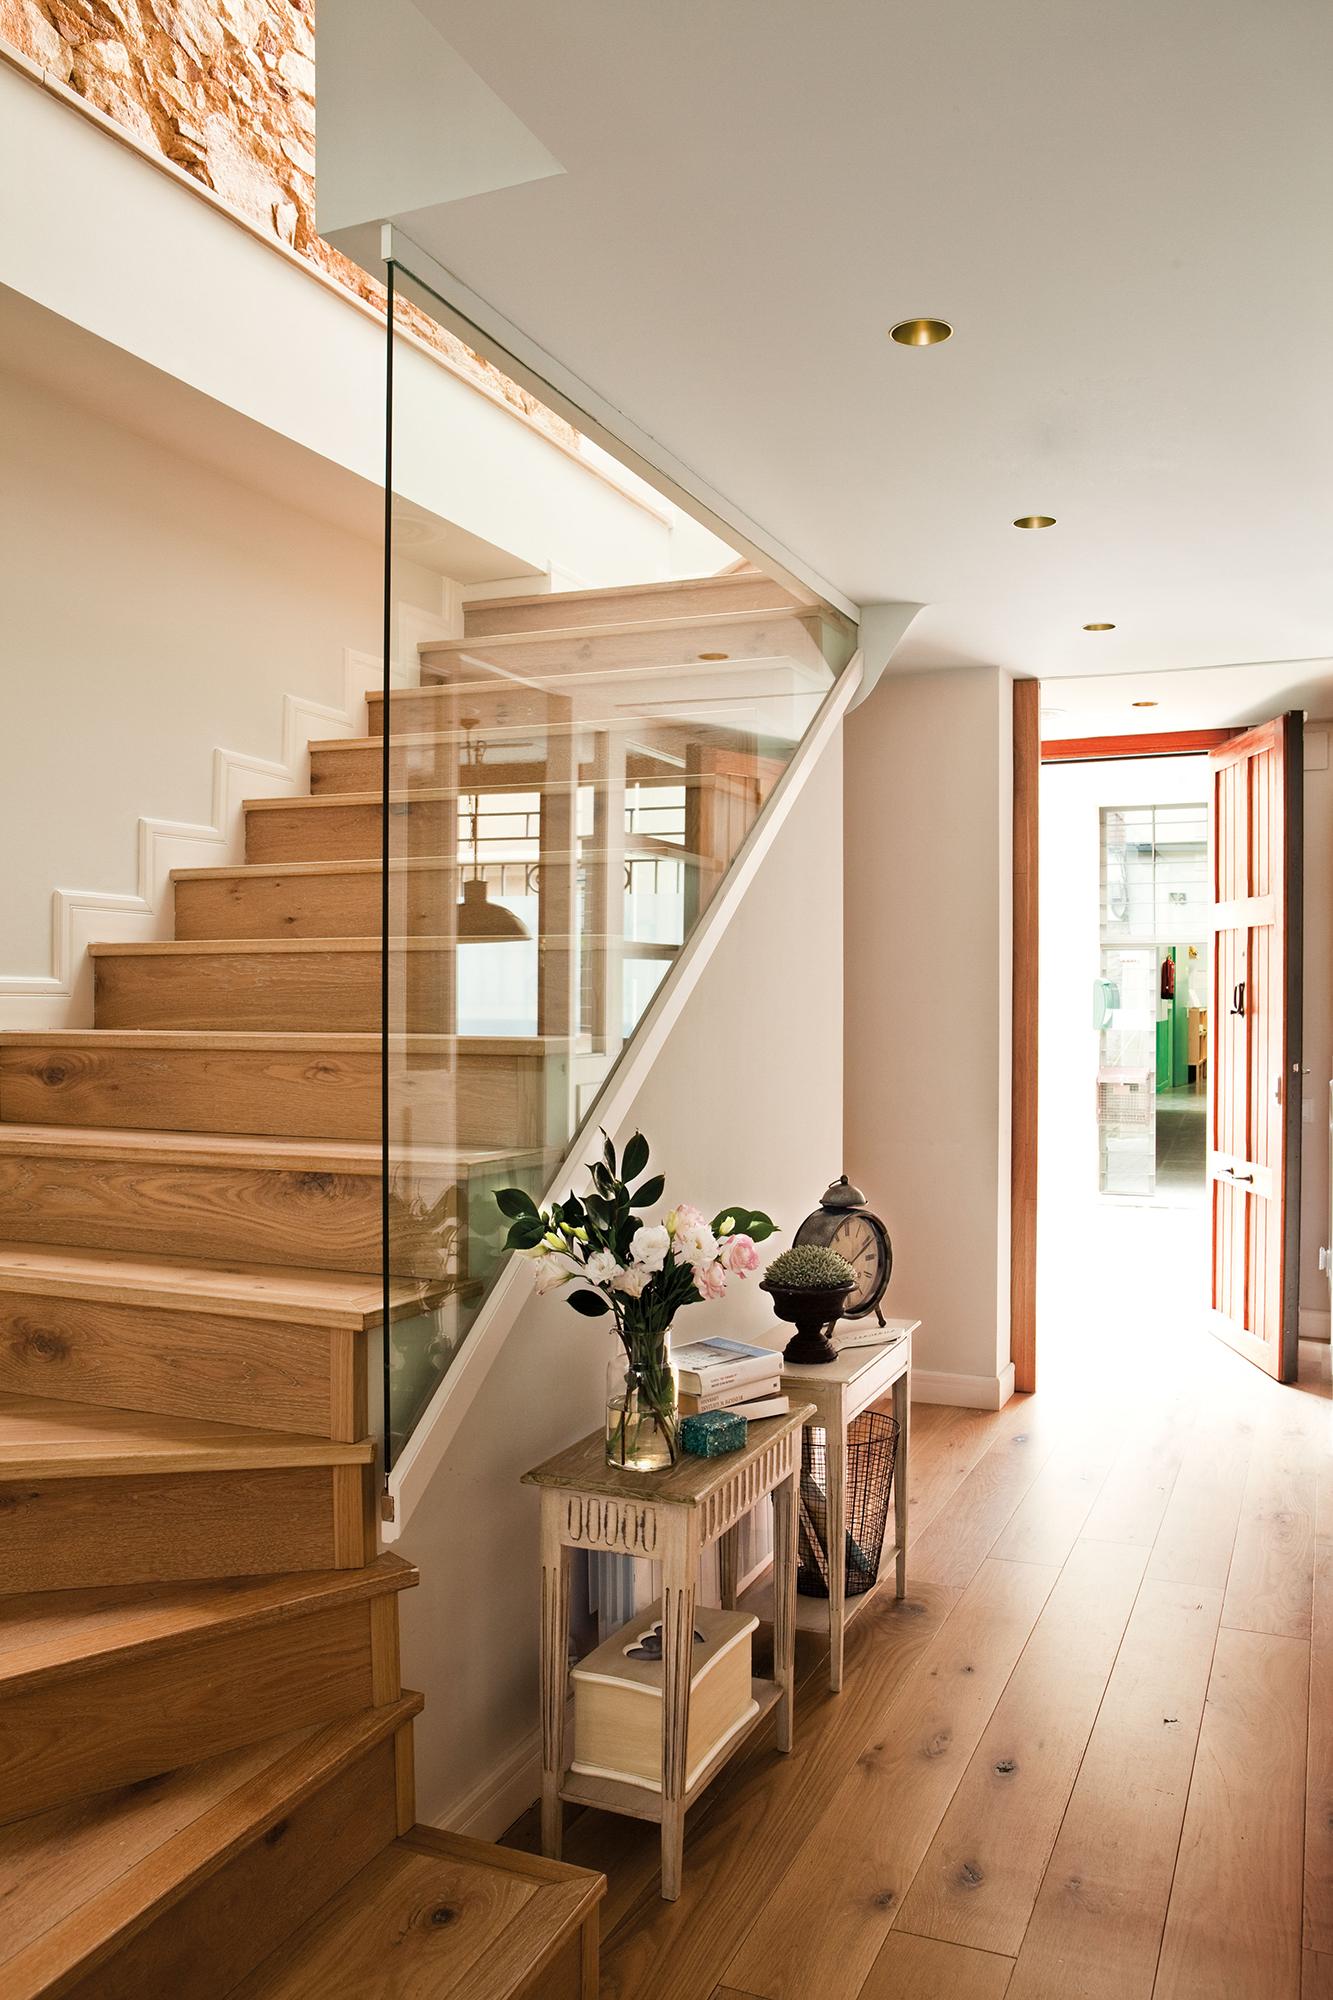 Escaleras Como Planificarlas Con Acierto - Escaleras-de-cristal-y-madera